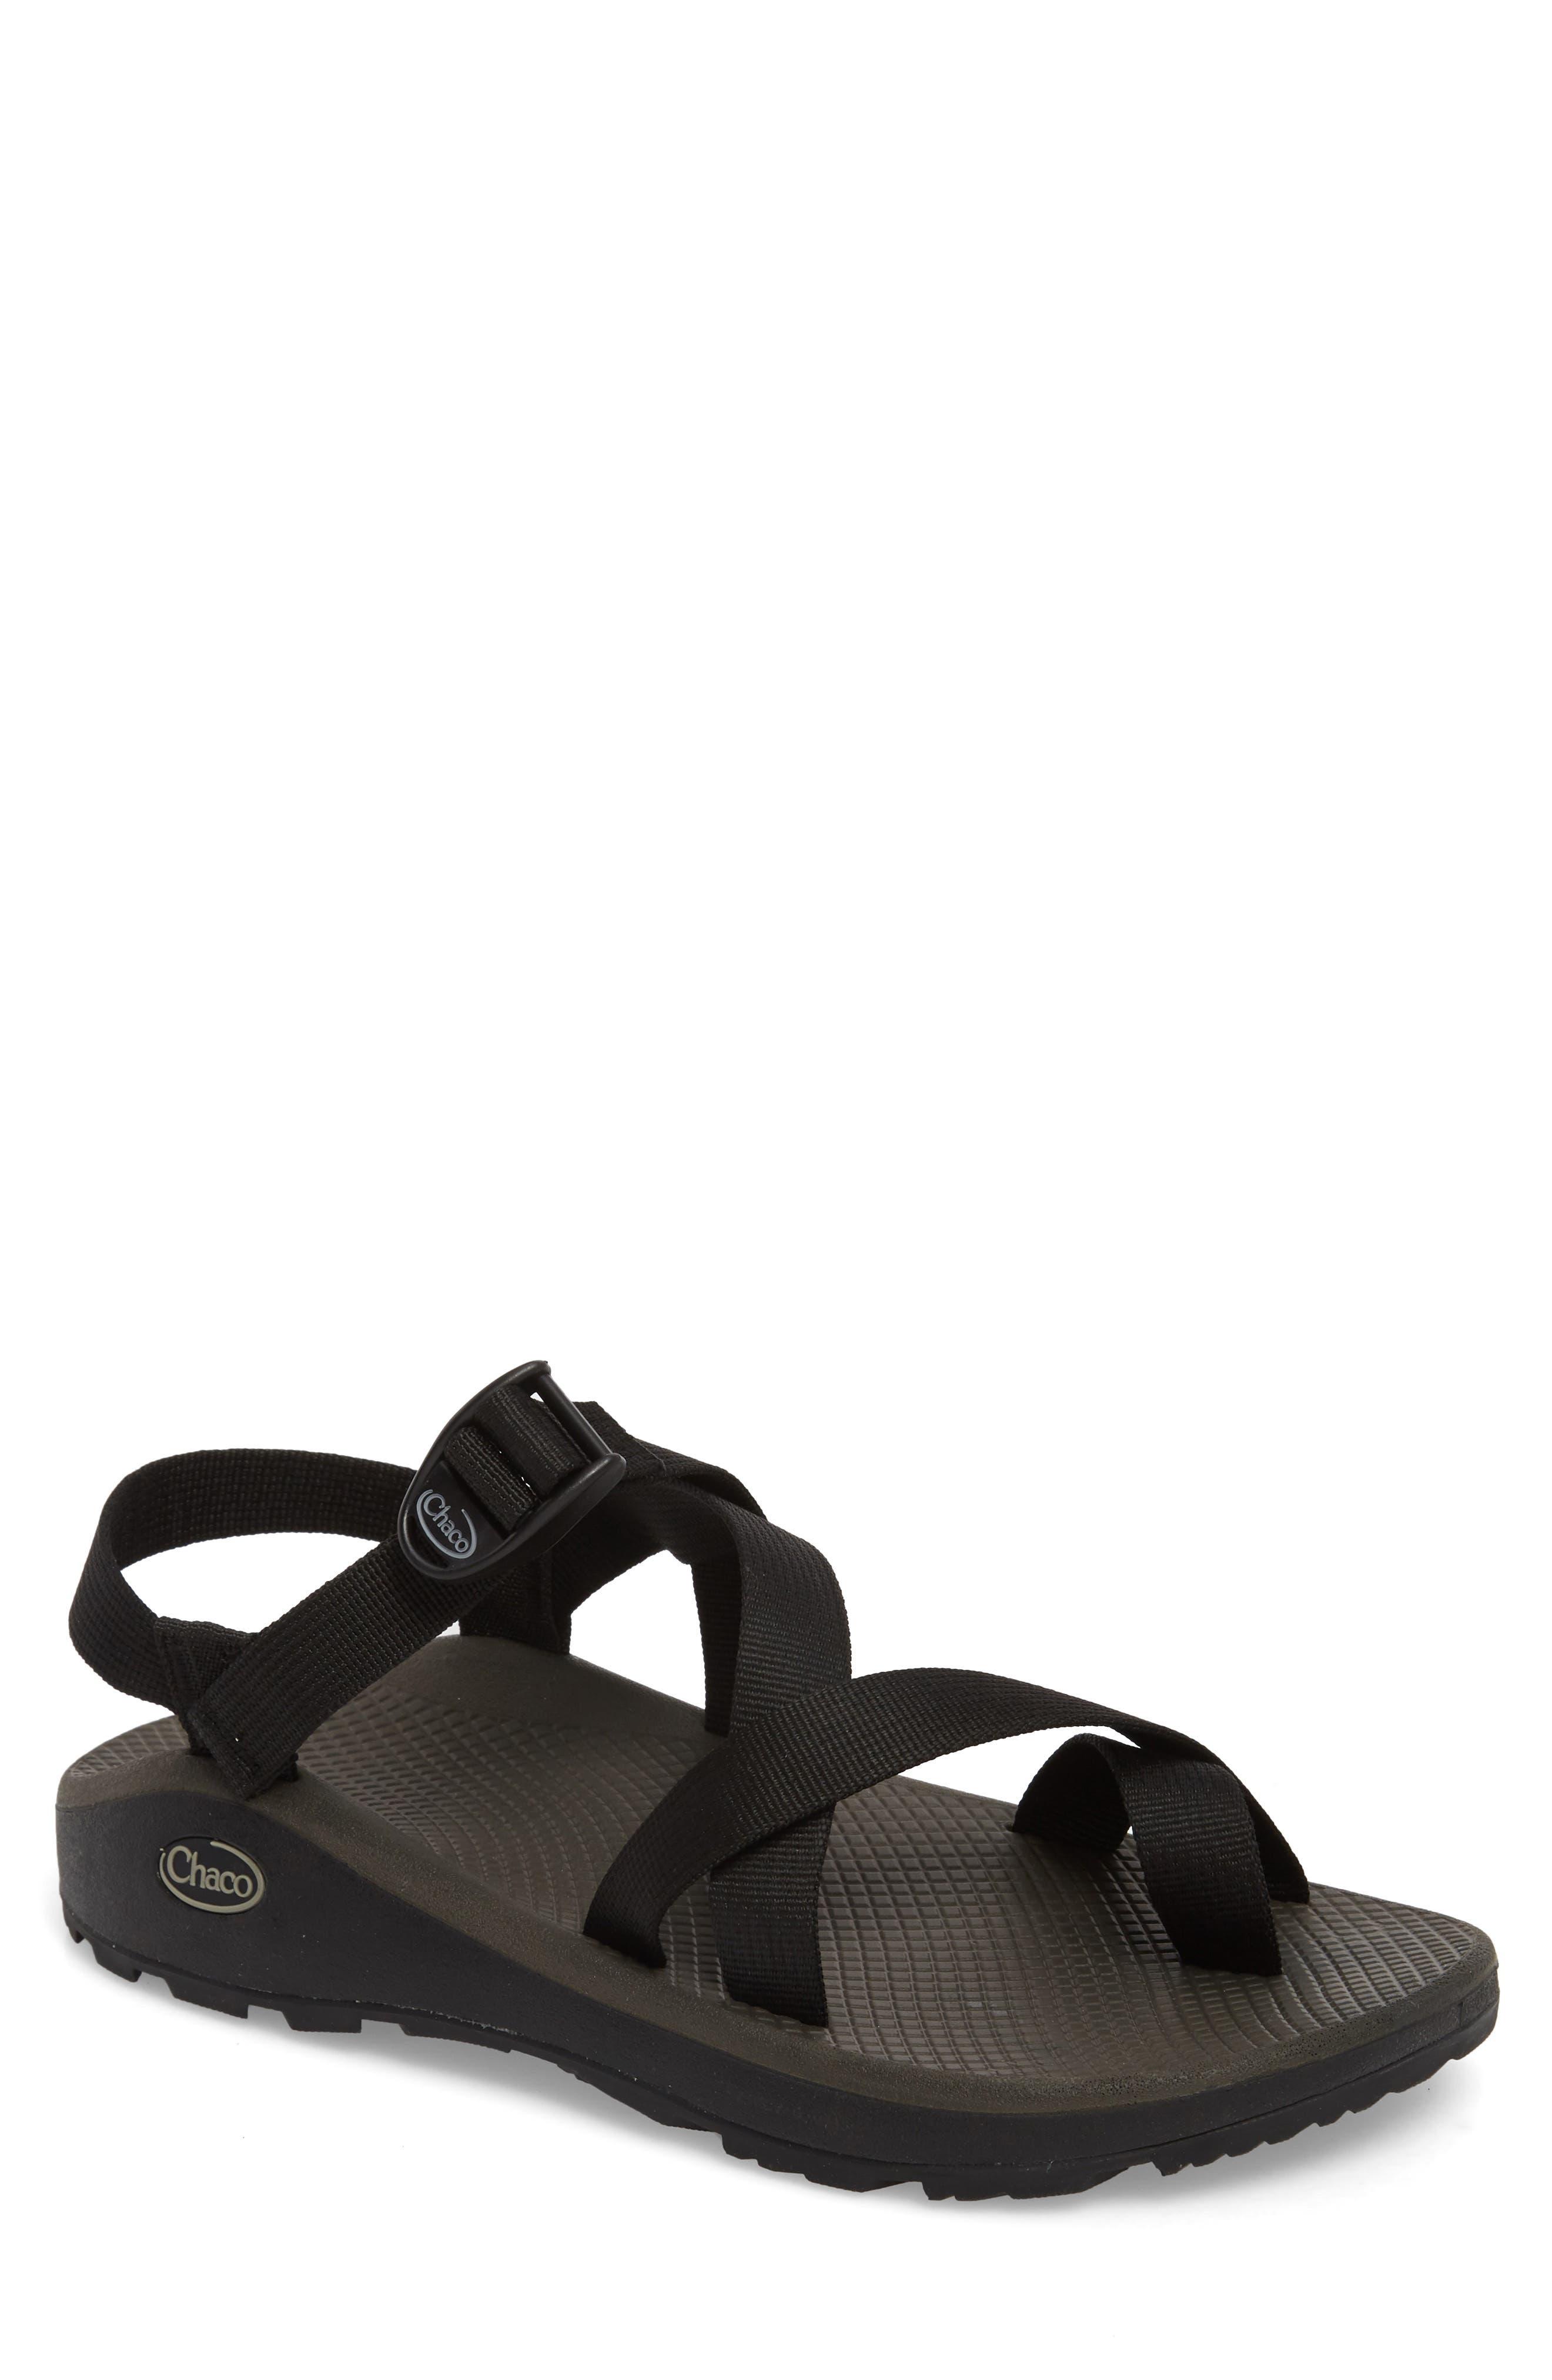 Z/Cloud 2 Sport Sandal,                             Main thumbnail 1, color,                             BLACK